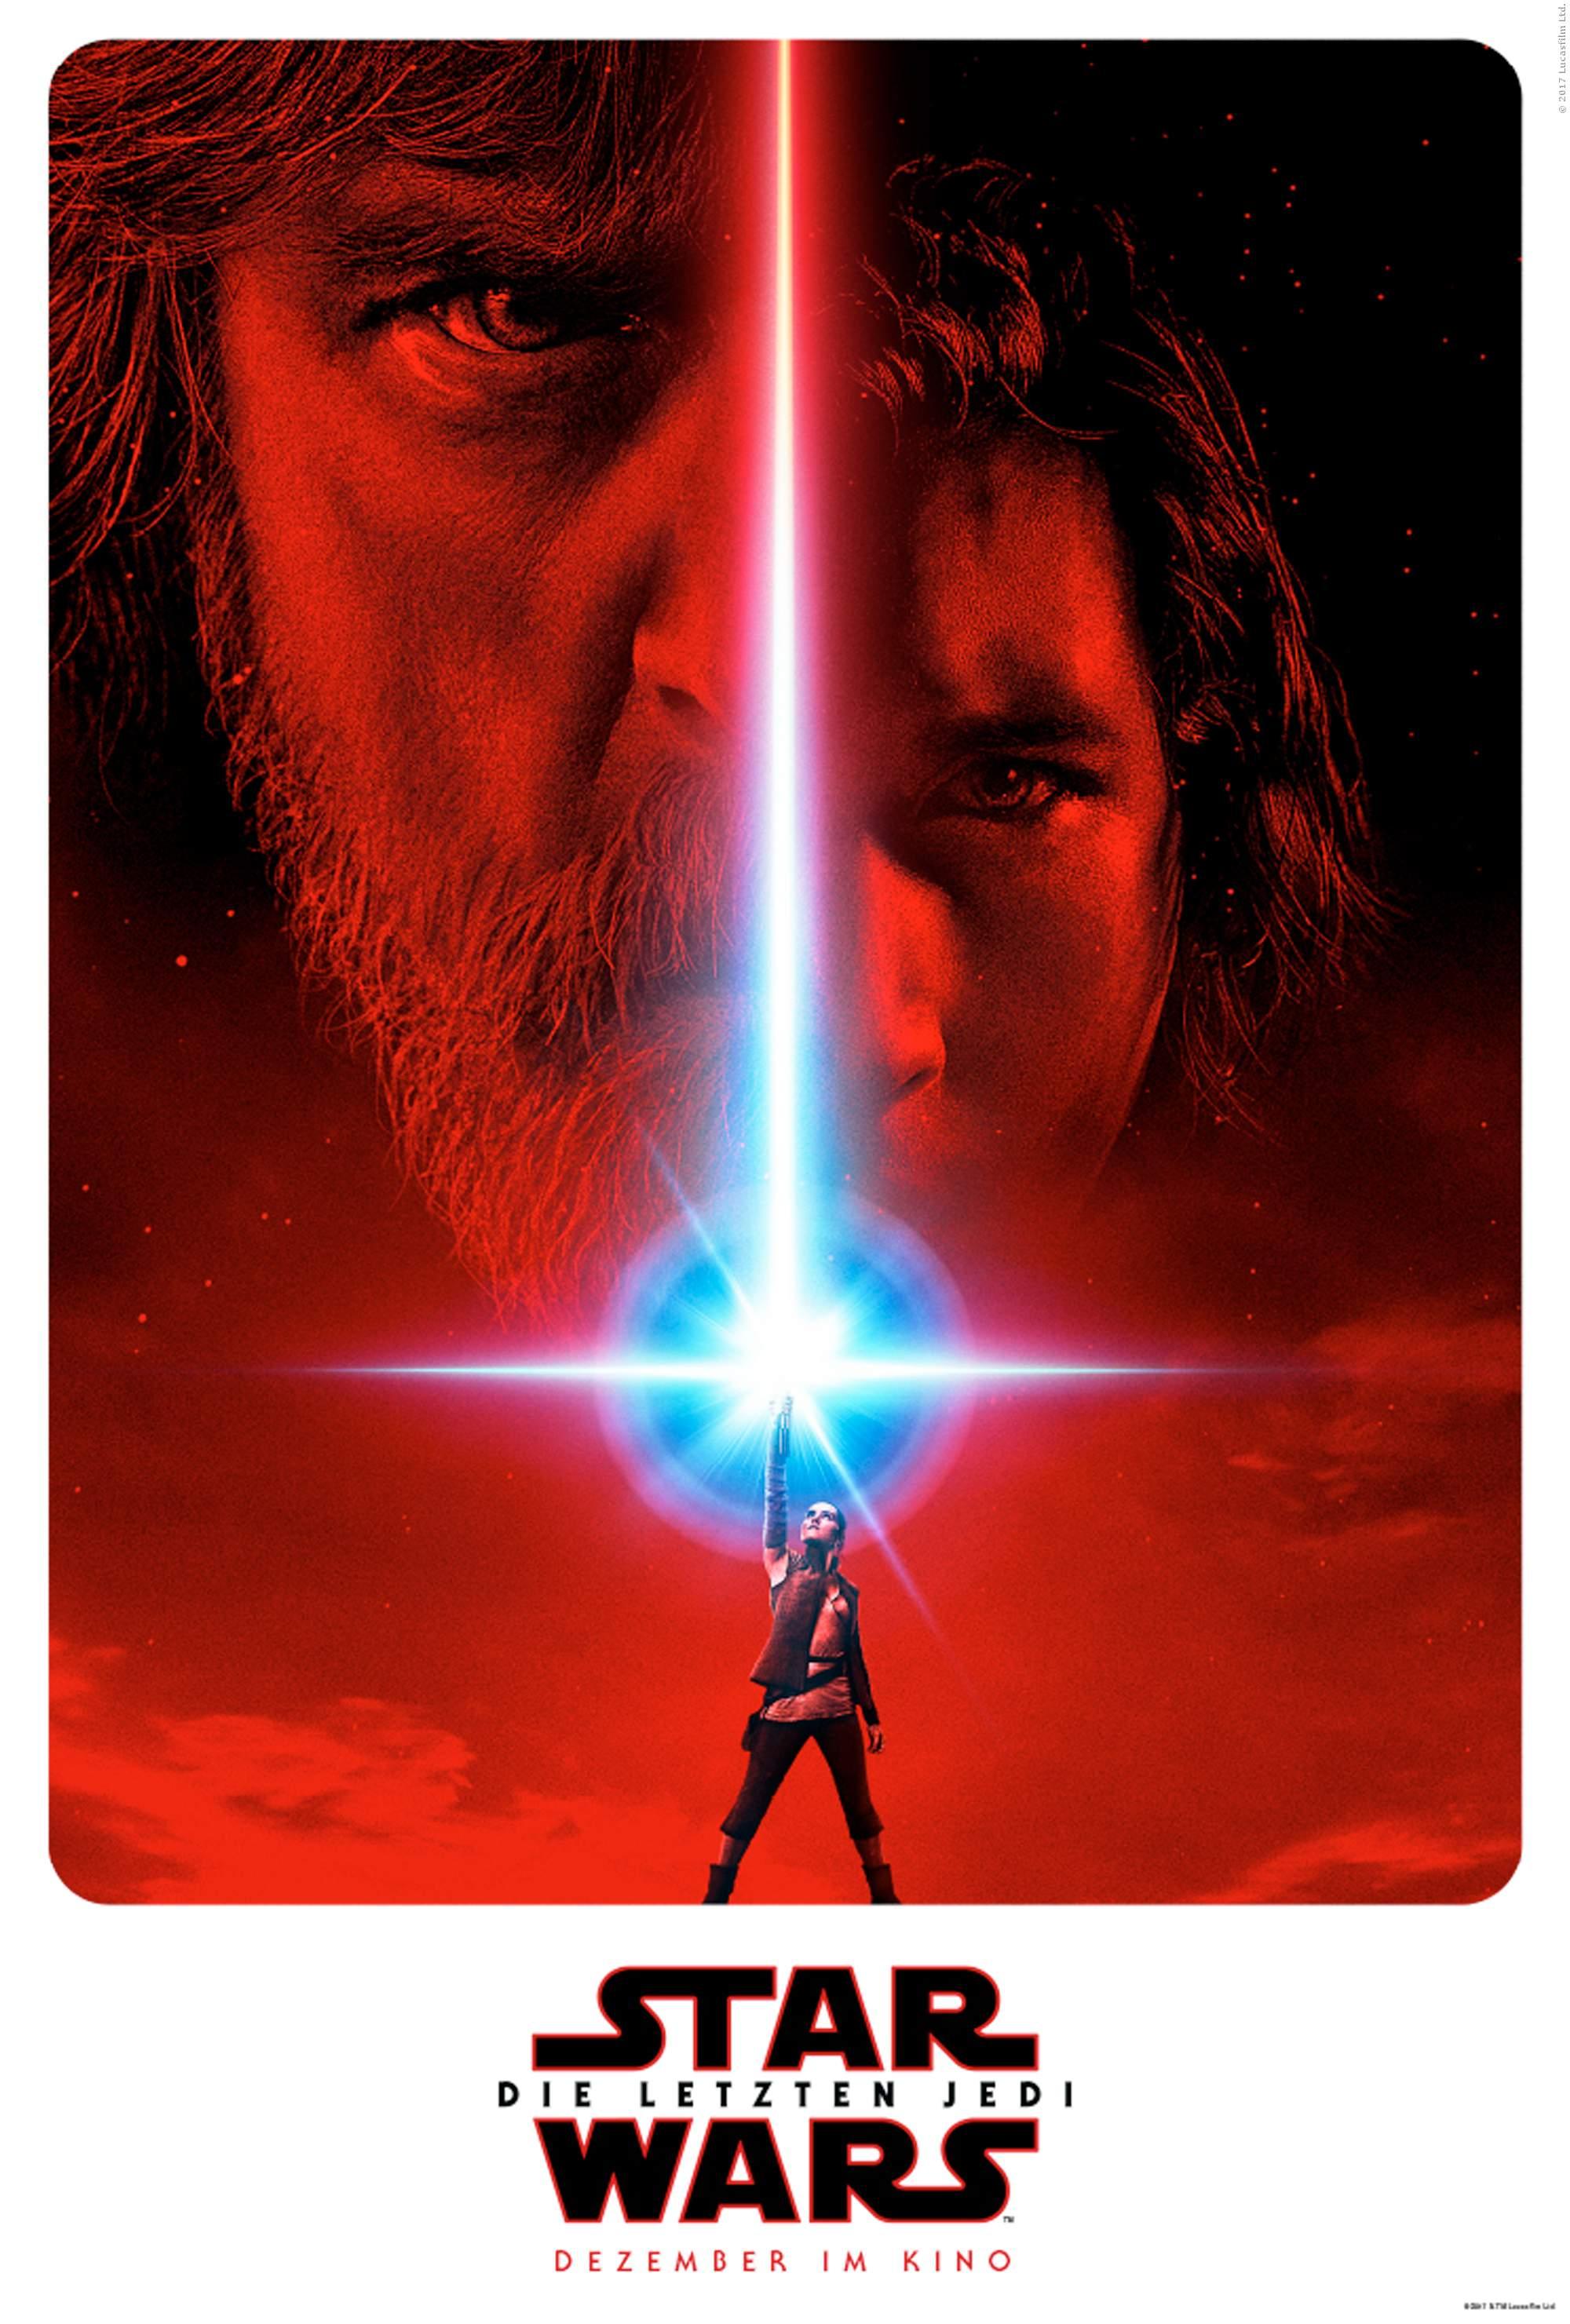 Star Wars 8: Deutscher Trailer zu Die Letzten Jedi - Bild 1 von 15